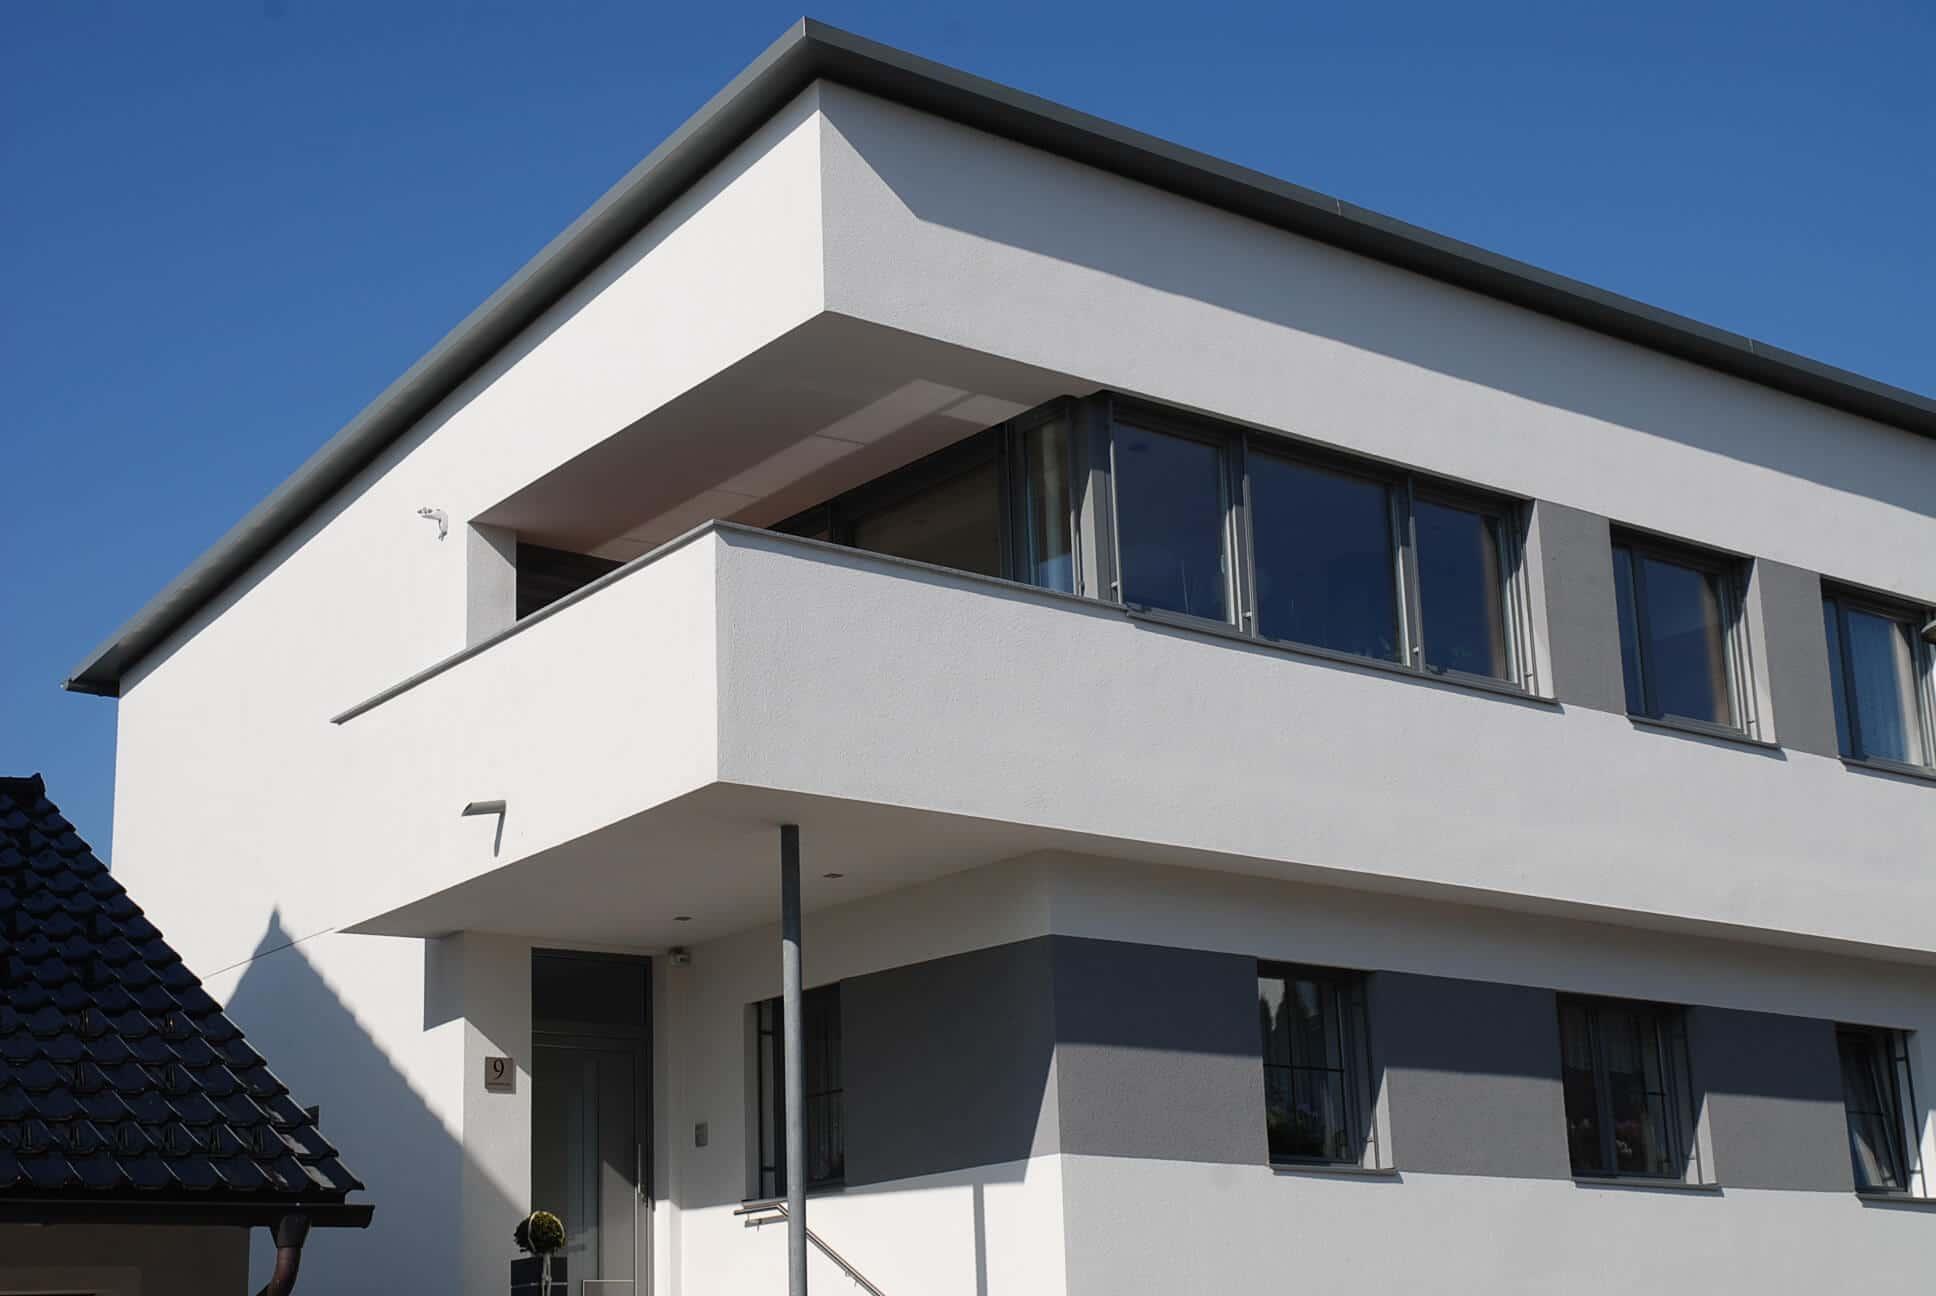 Fenster für Haus Österreich